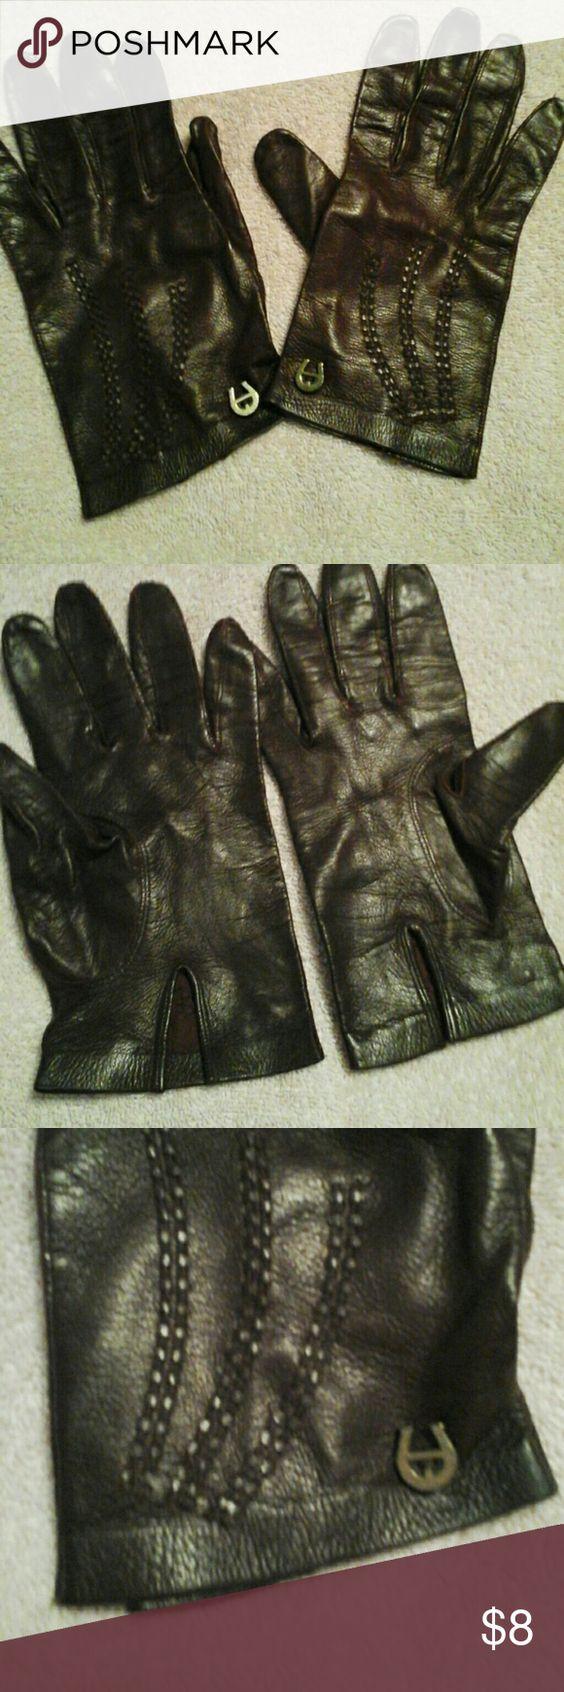 Etienne aigner black leather gloves - Etienne Aigner Gloves Size Small Leather Gloves Etienne Aigner Accessories Gloves Mittens